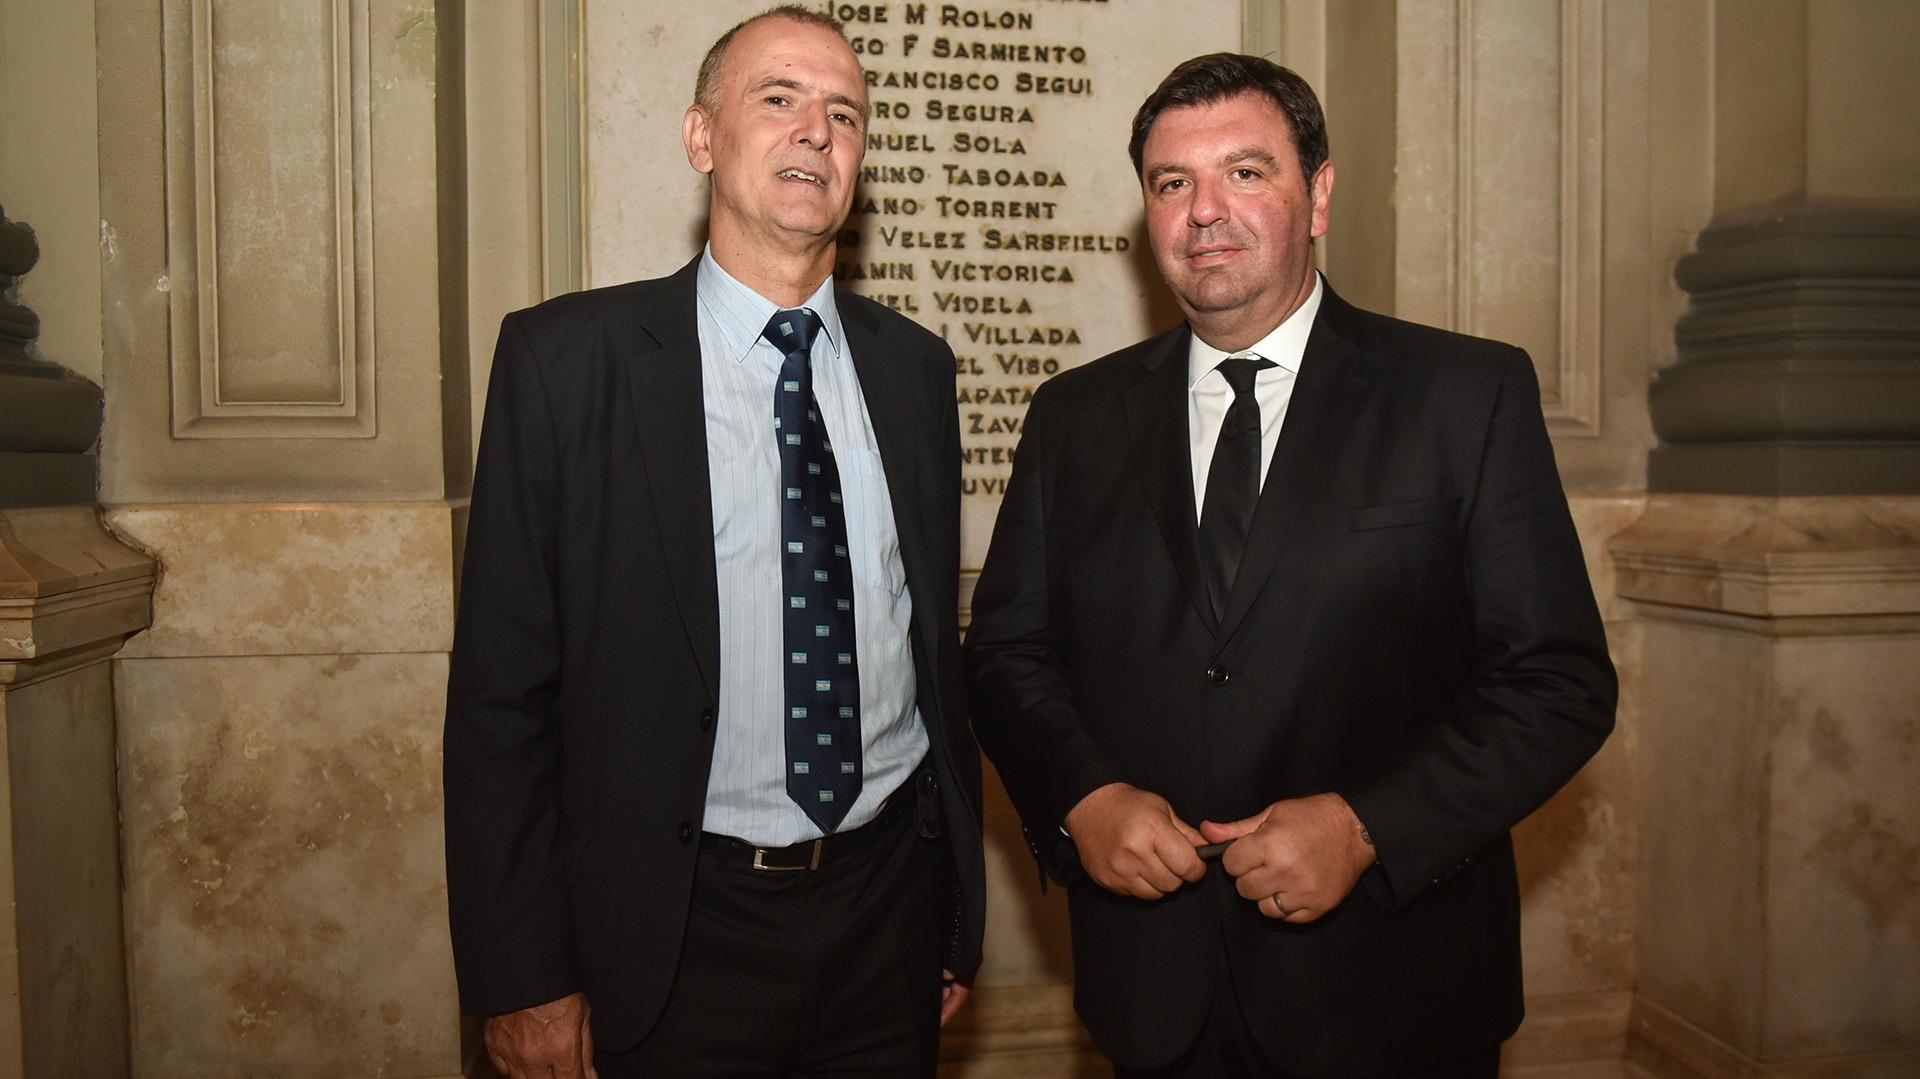 El periodista Daniel Santoro y el juez Ariel Lijo